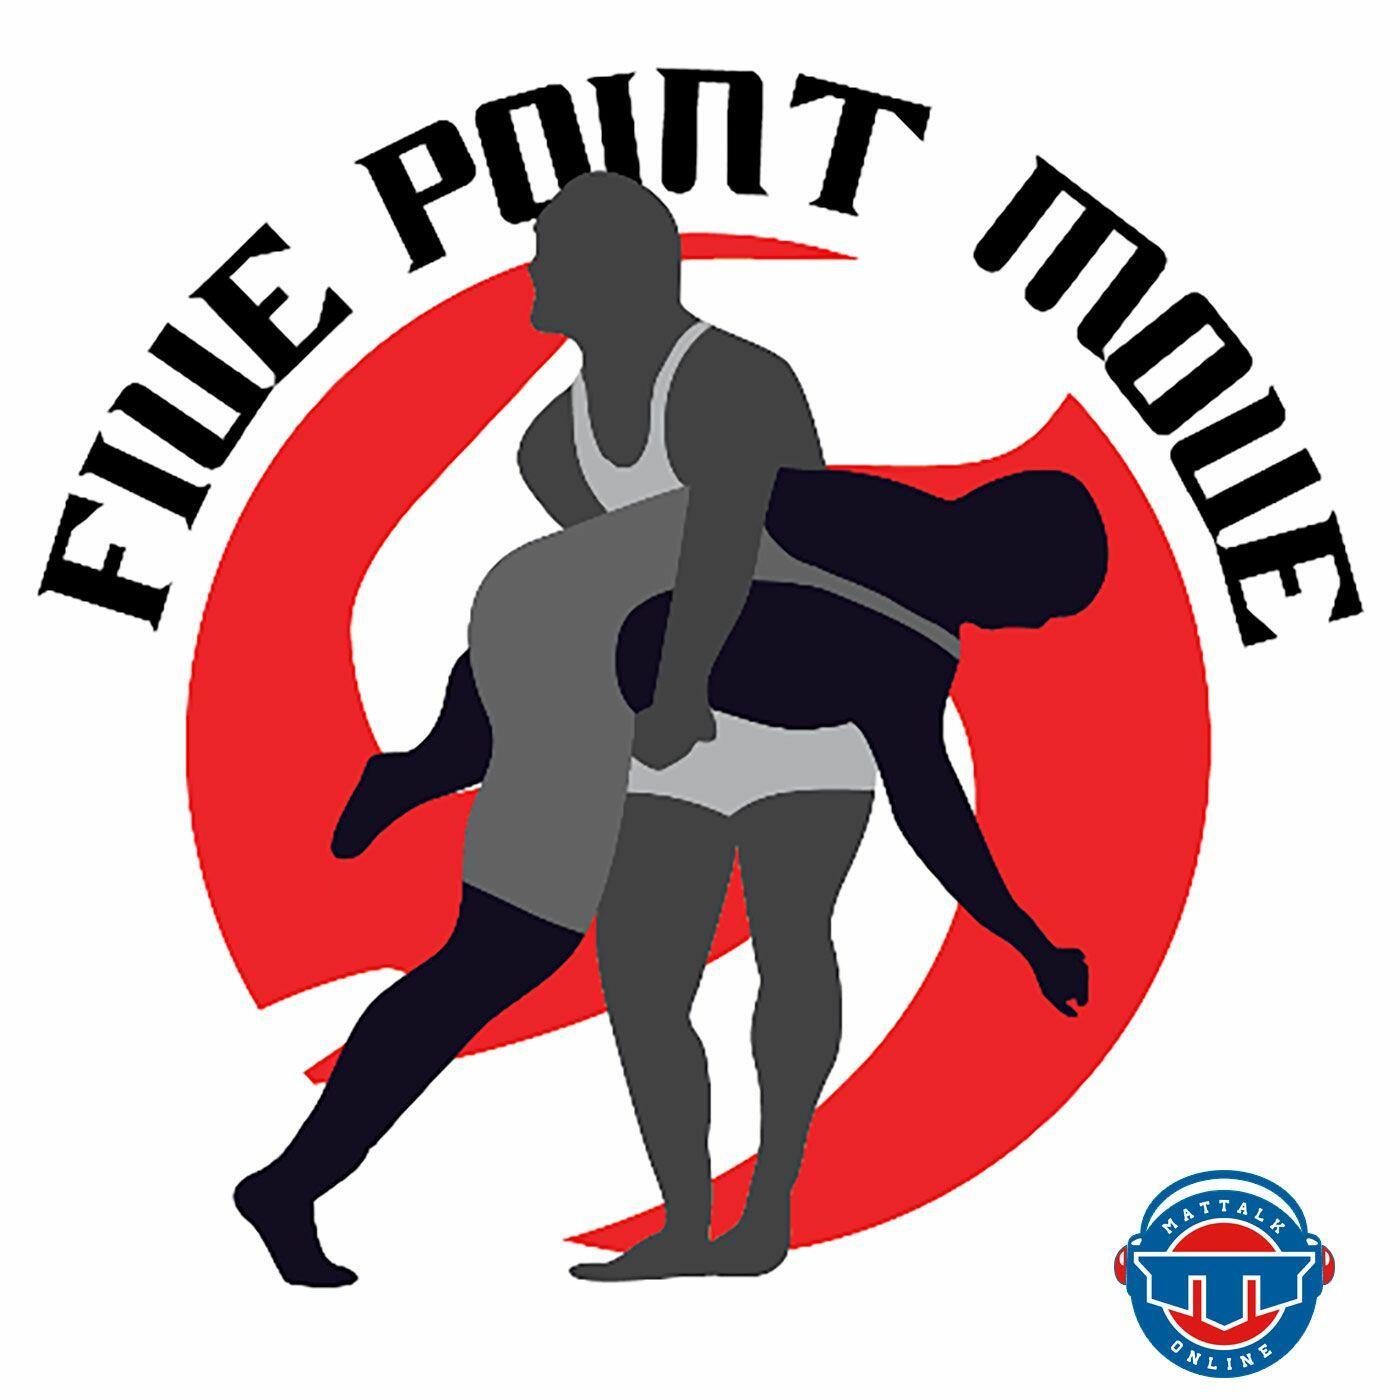 Five Point Move - U.S. Greco-Roman Wrestling